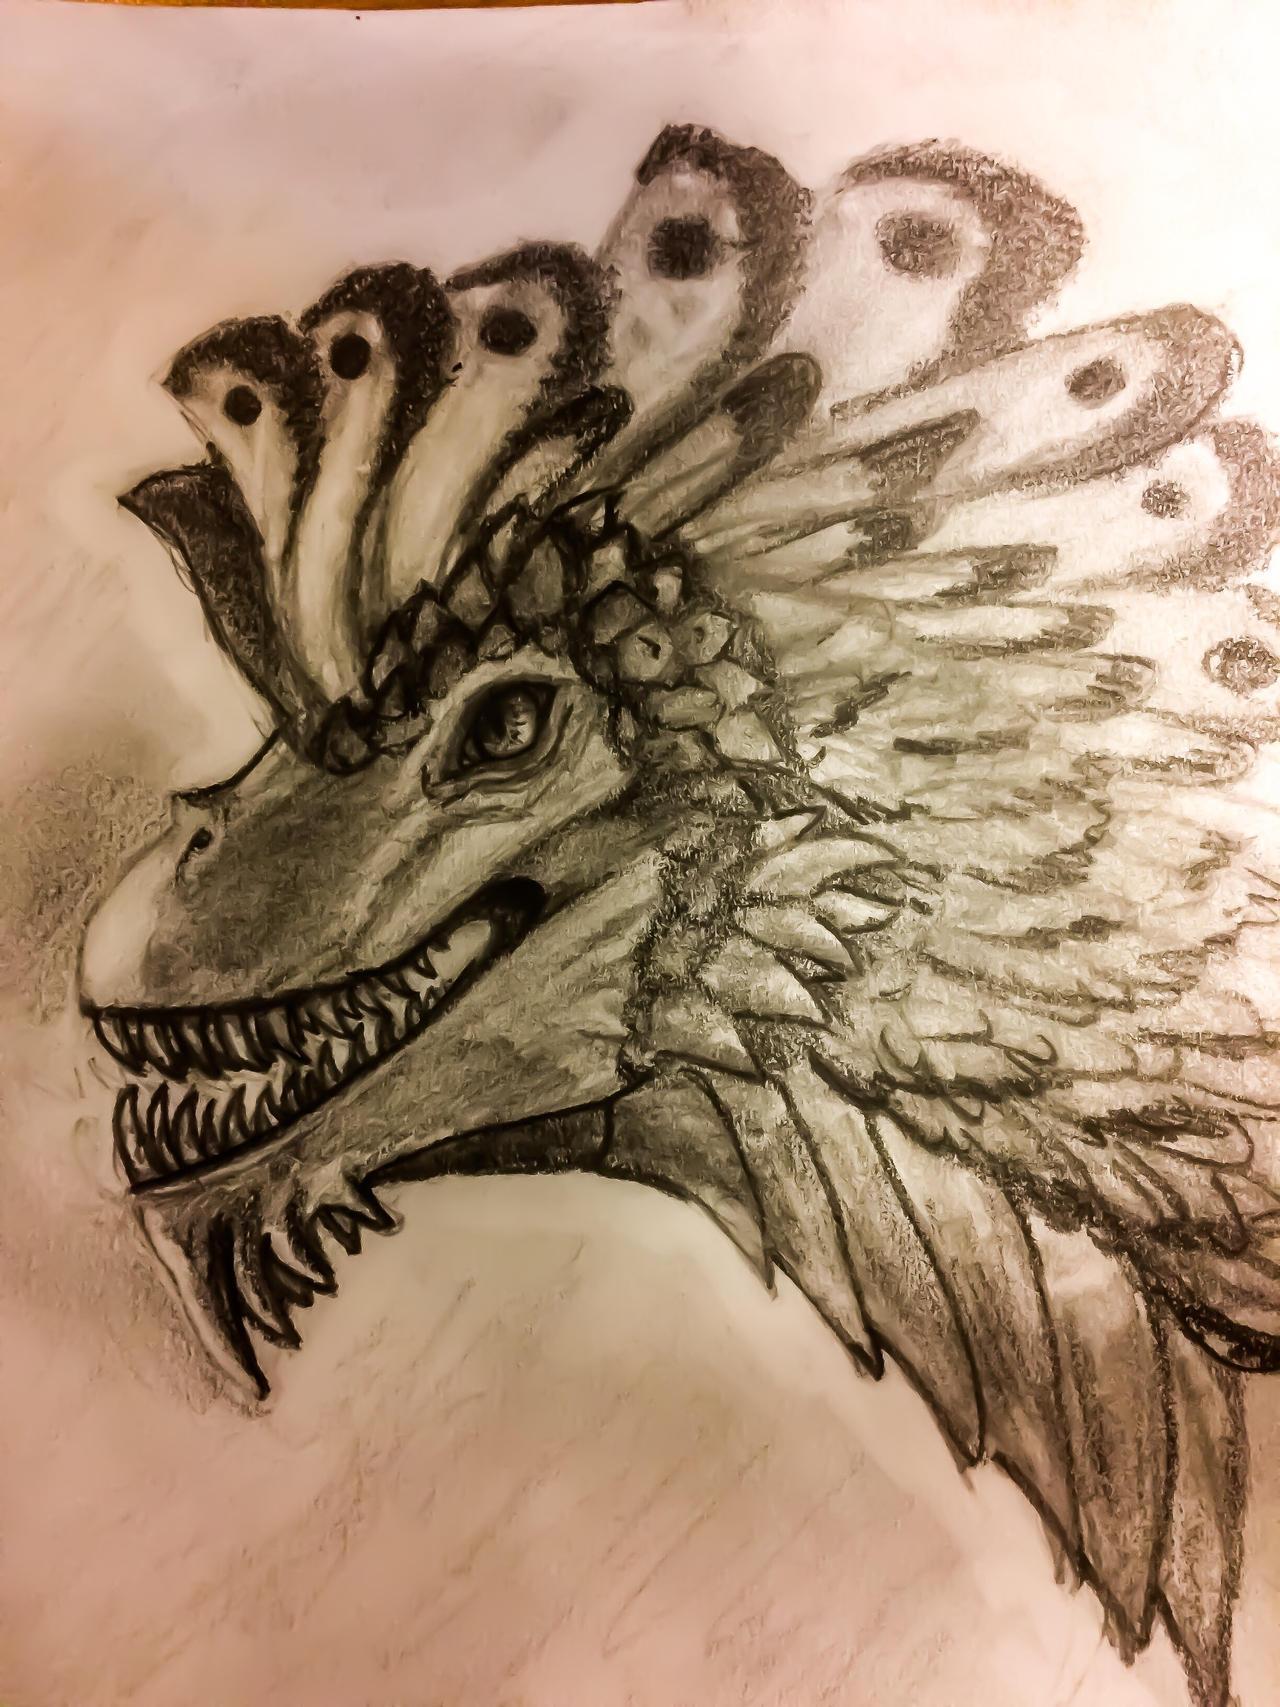 Rock drake by dinodood2000 on DeviantArt